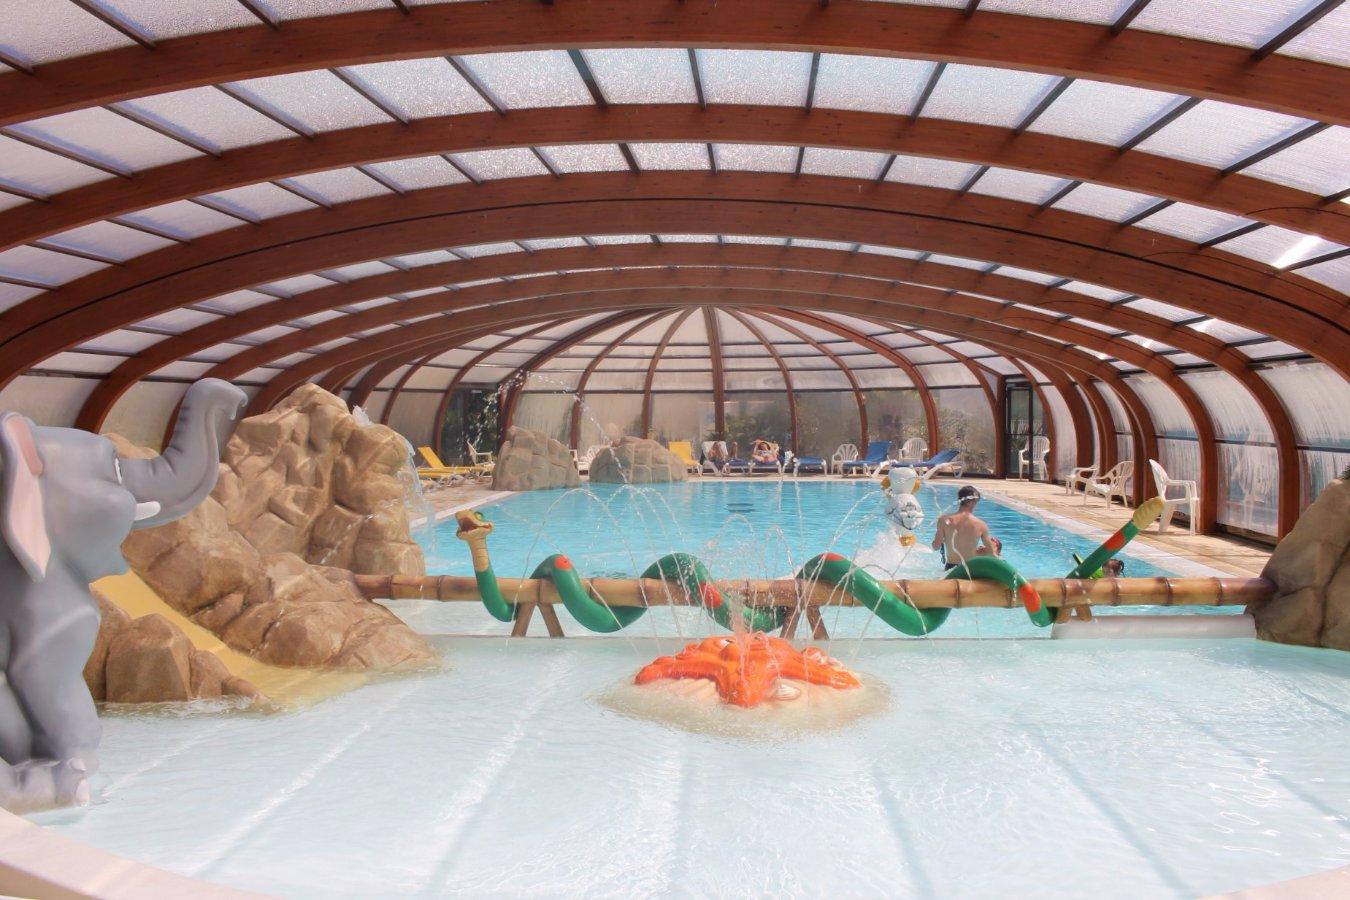 Camping Ile De Ré Espace Aquatique - ᐃ La Grainetiere ... pour Camping Ile De Ré Piscine Couverte